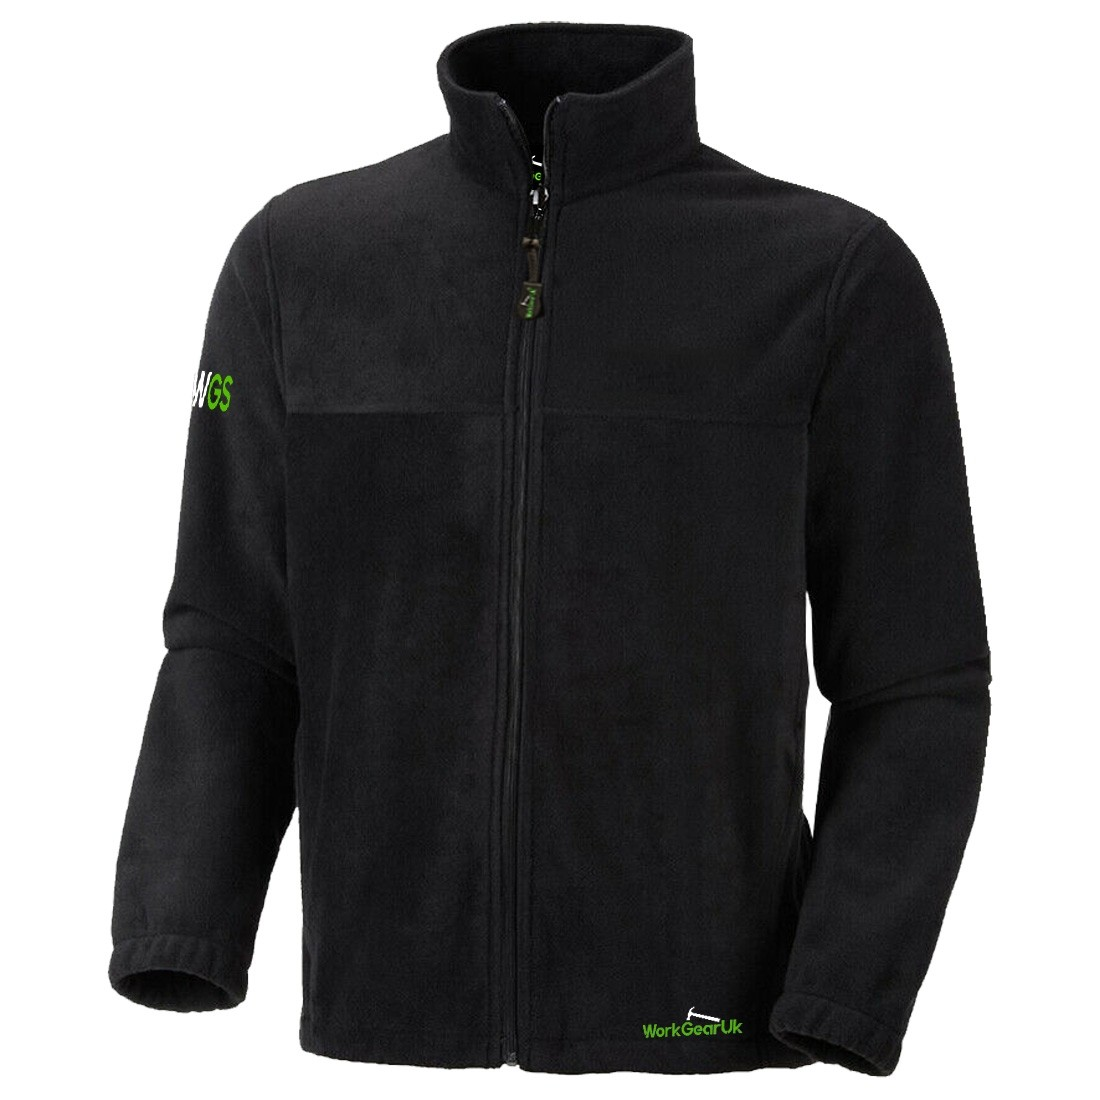 WorkGearUK Full Zip Black Fleece WG-FL02